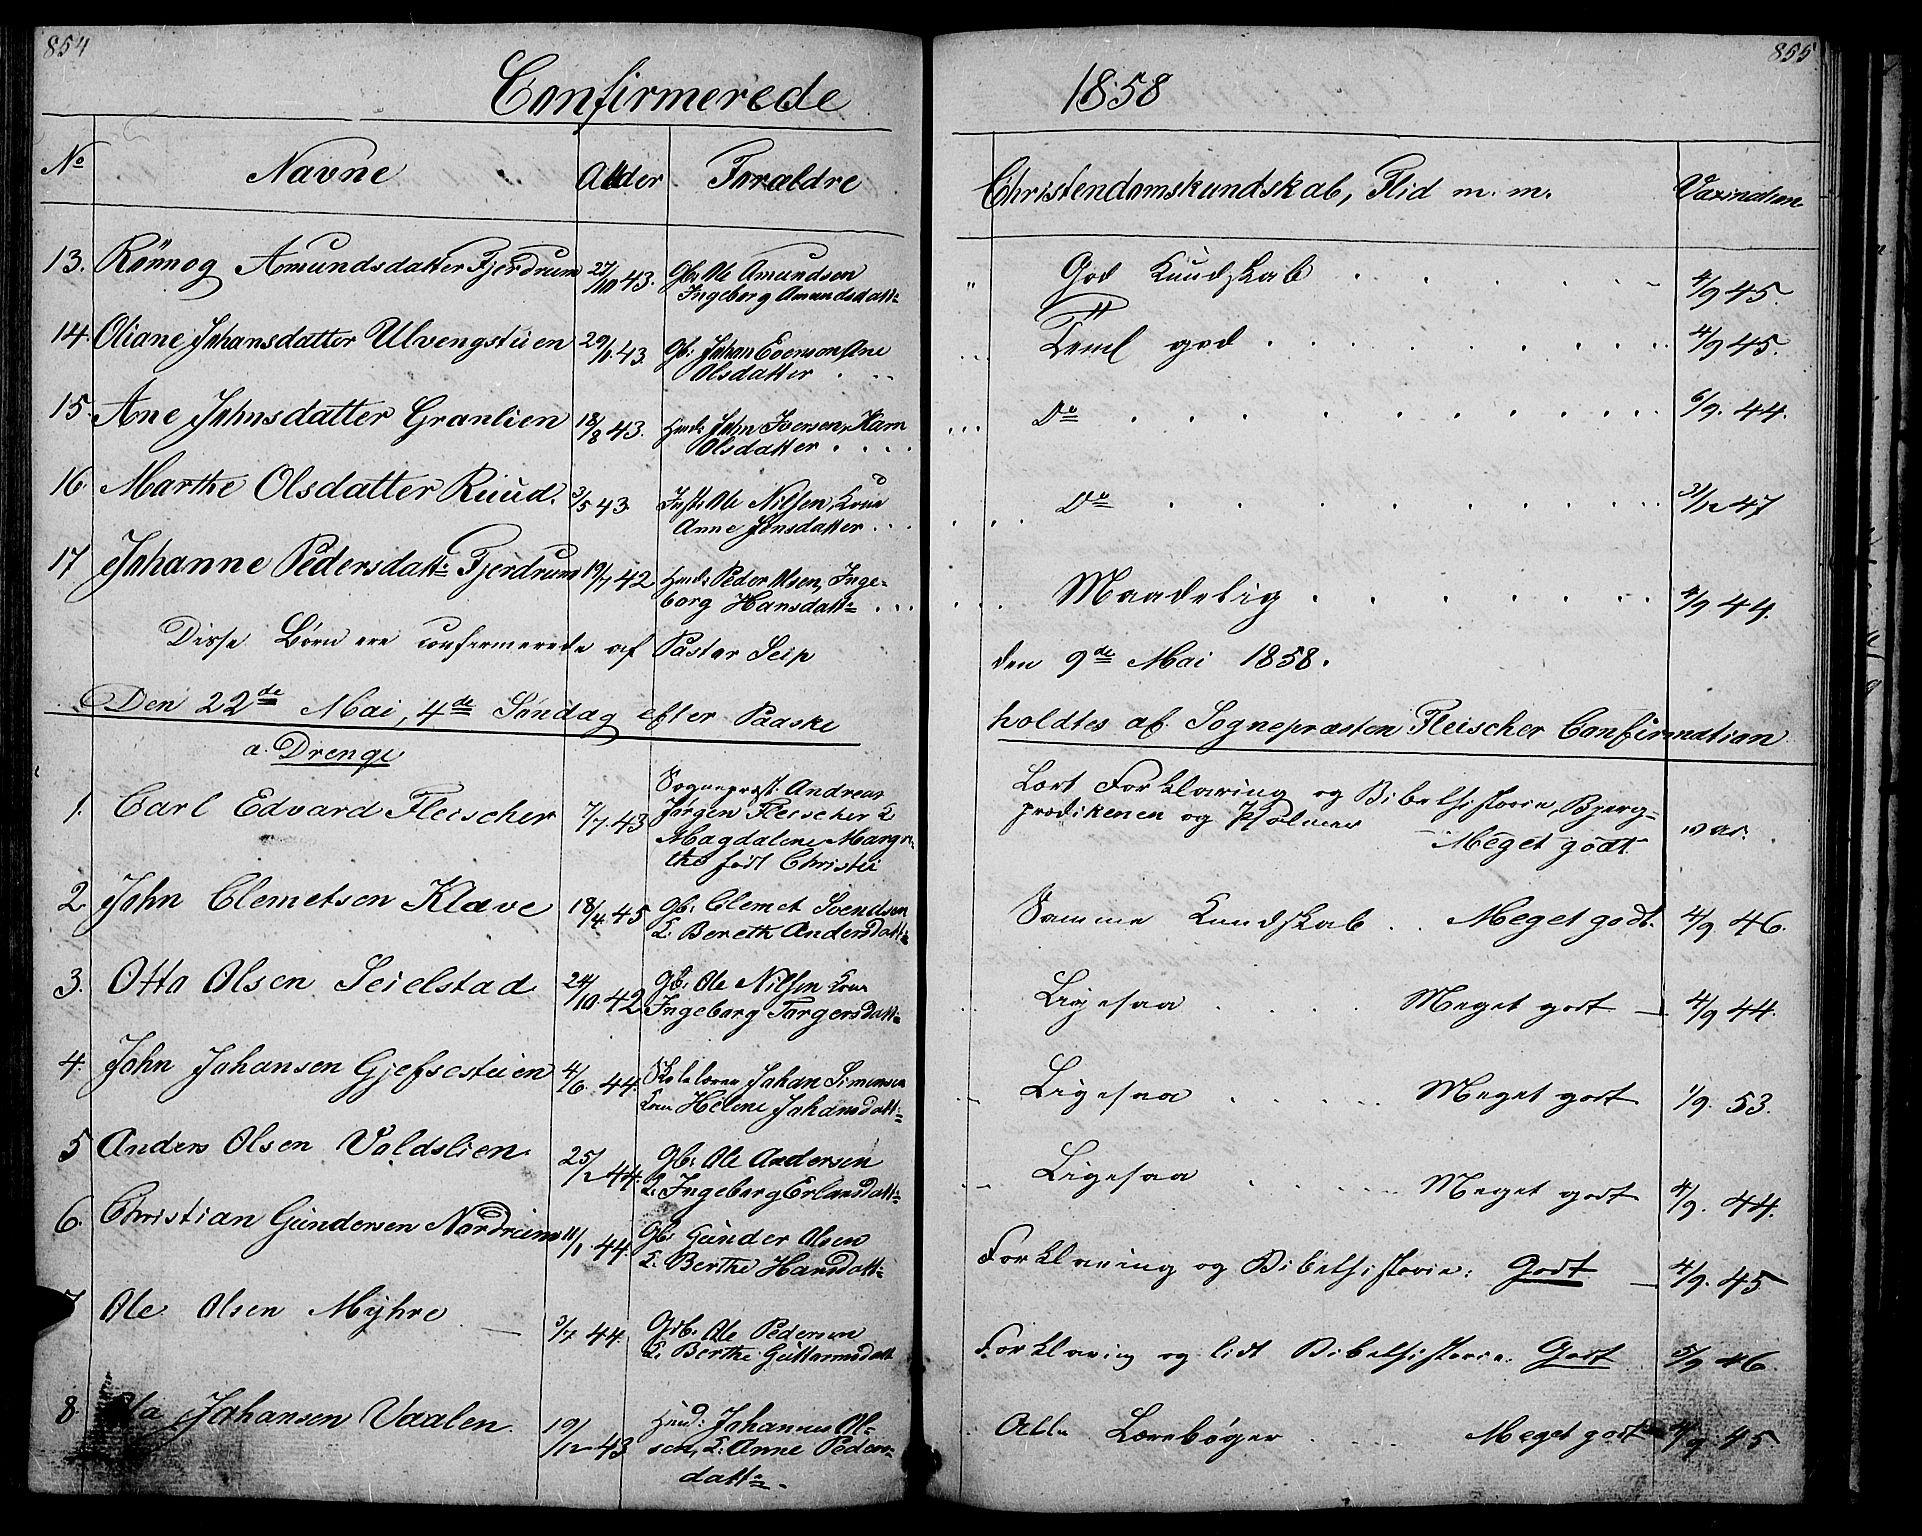 SAH, Gausdal prestekontor, Klokkerbok nr. 4, 1835-1870, s. 854-855